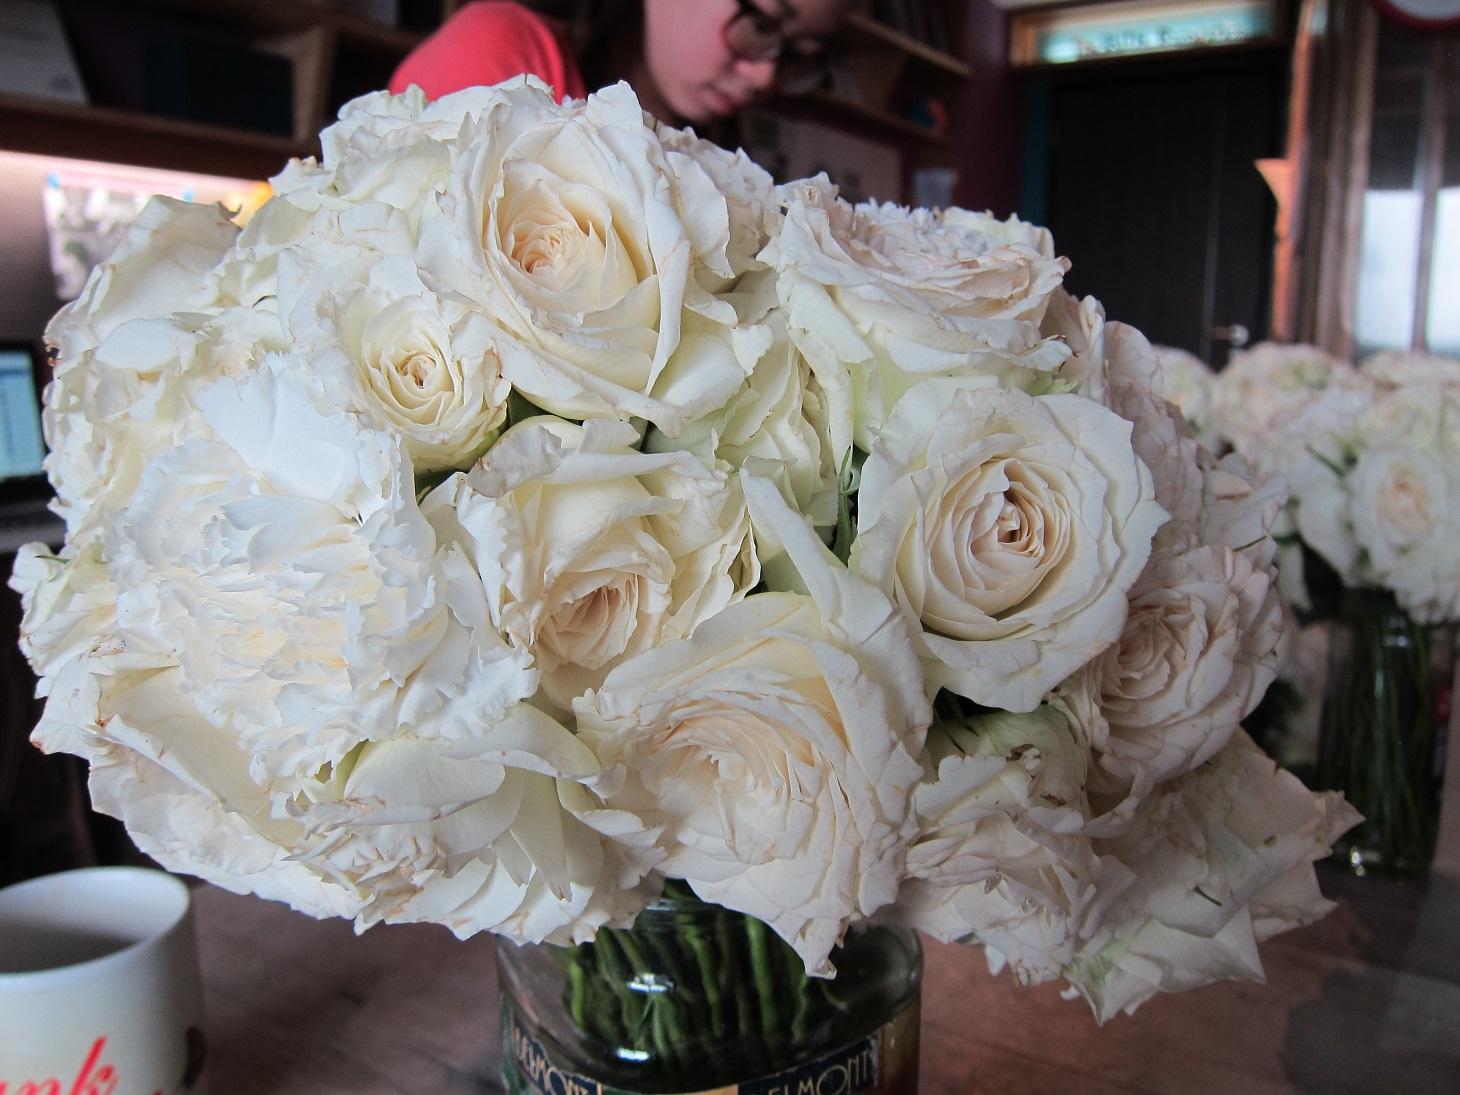 Flowers-for-HOPE-6.jpg